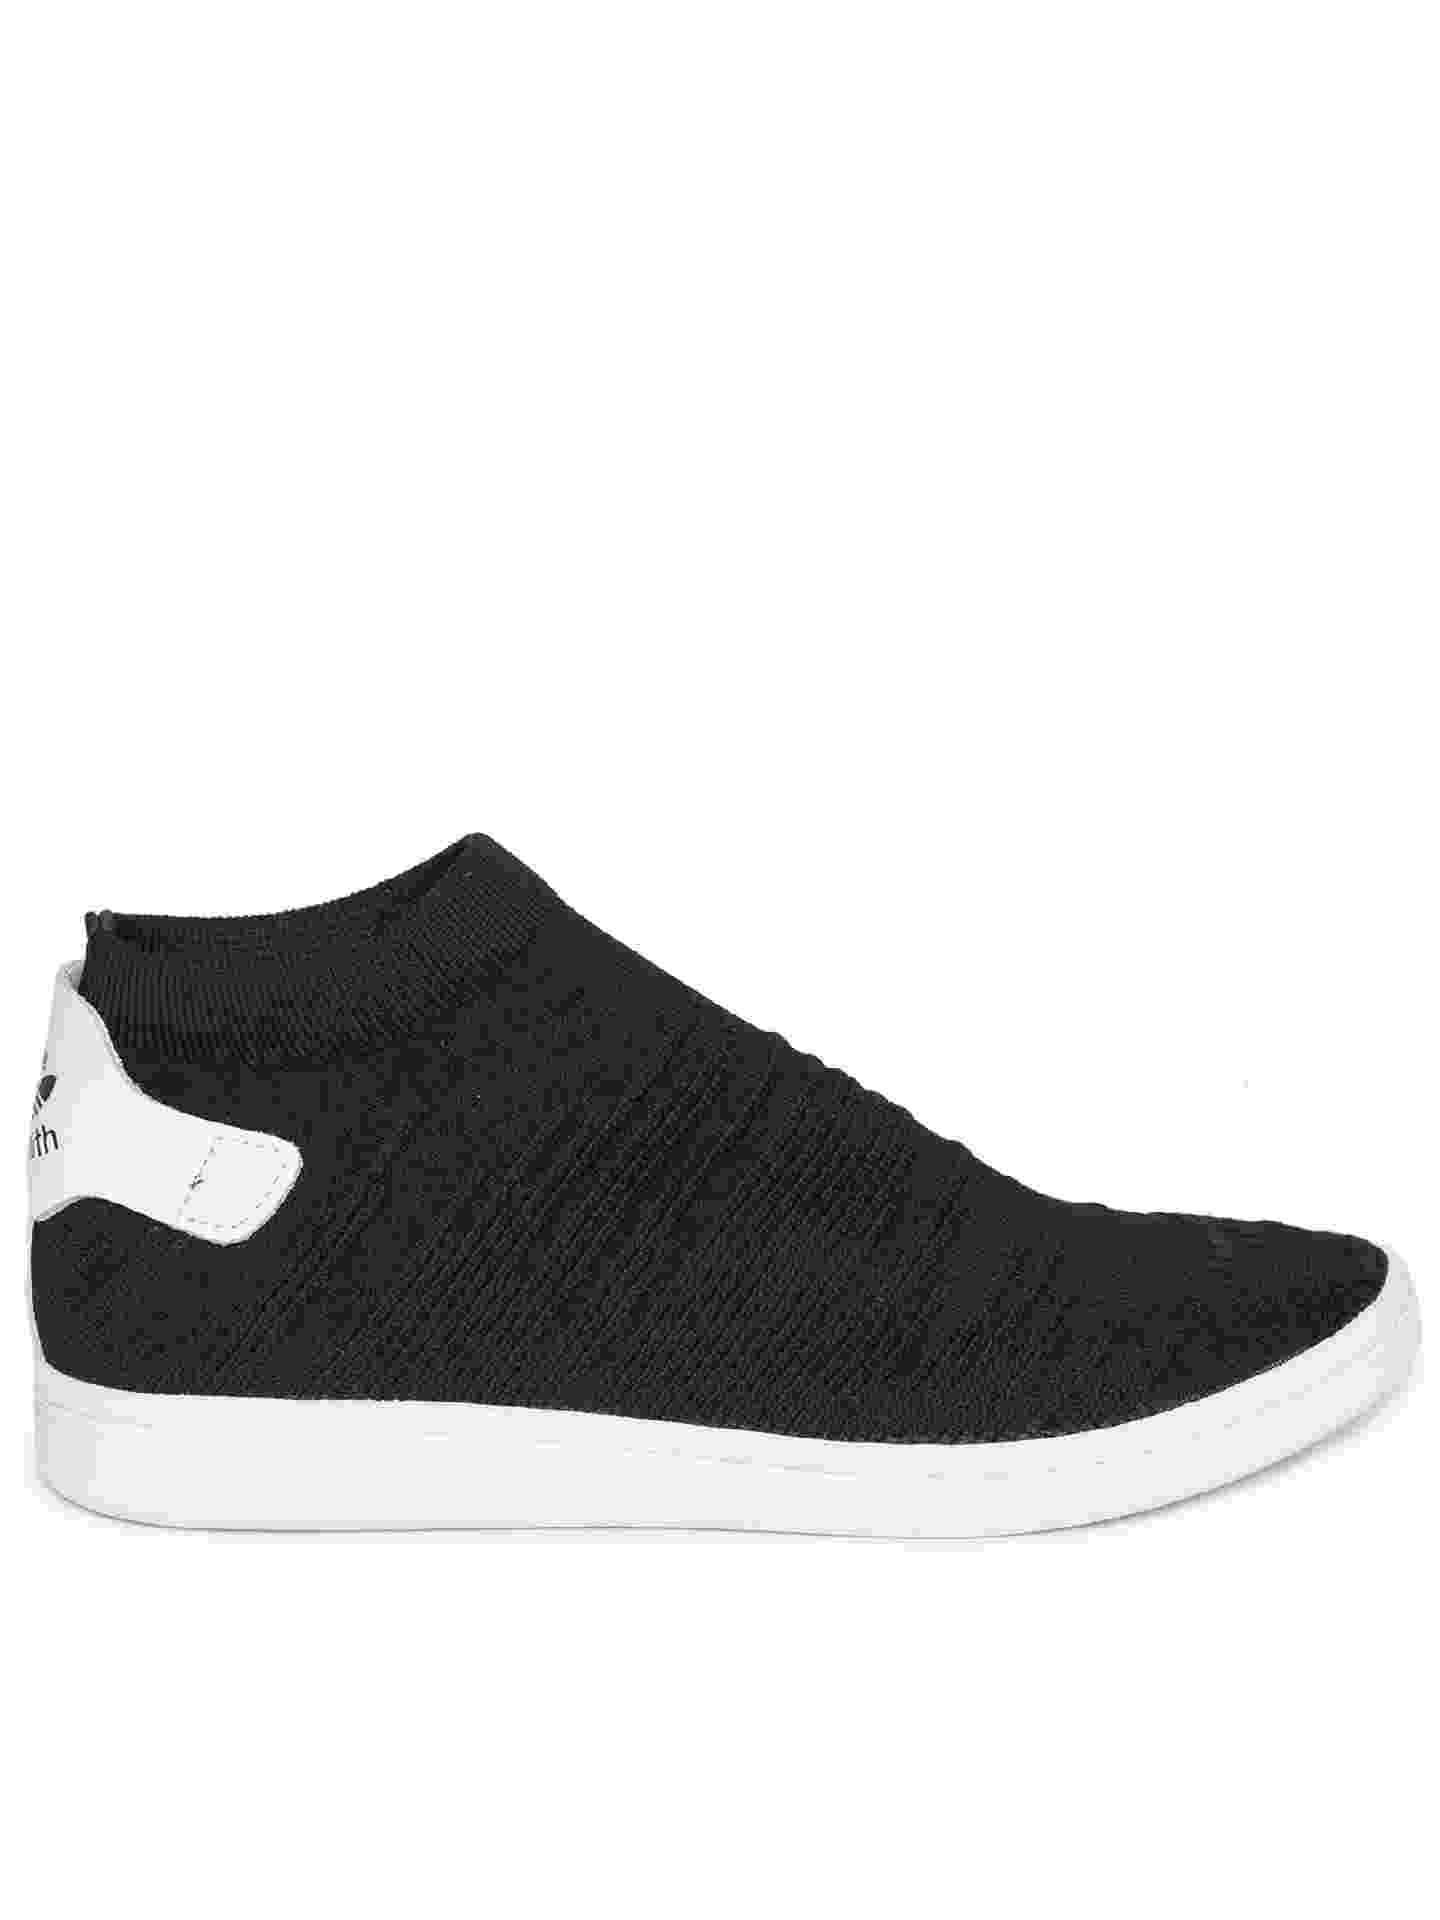 Sem cadarço, R$ 599,99, Adidas para Shop2gether, www.shop2gether.com.br - Divulgação